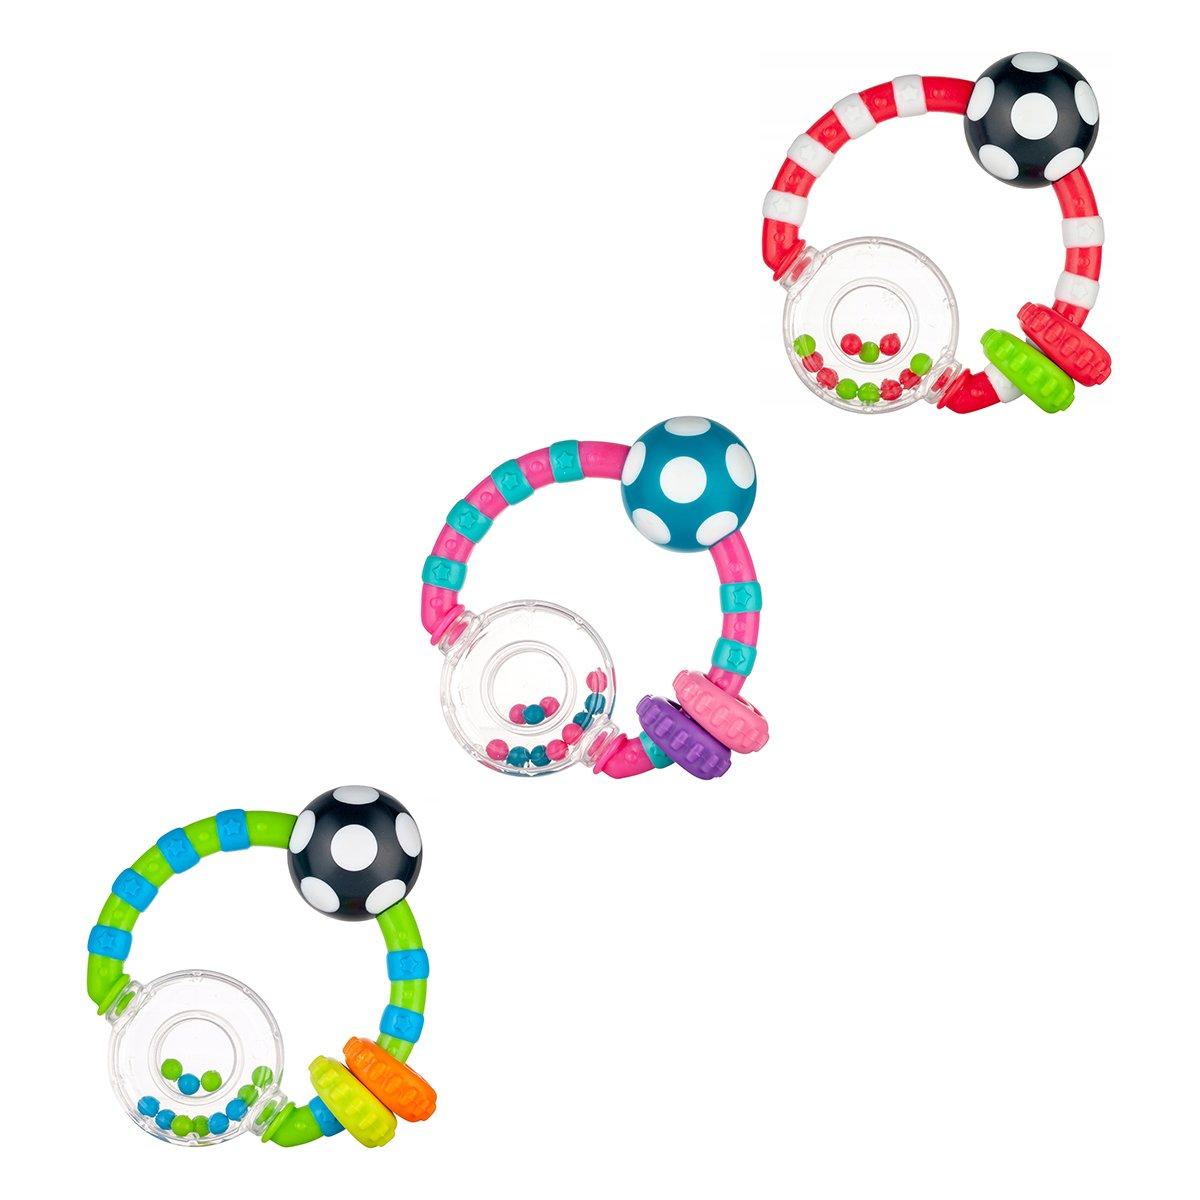 Купить Погремушки, грызуны, Погремушка Canpol babies Colour Balls (в ассорт) 56/145 ТМ: Canpol babies